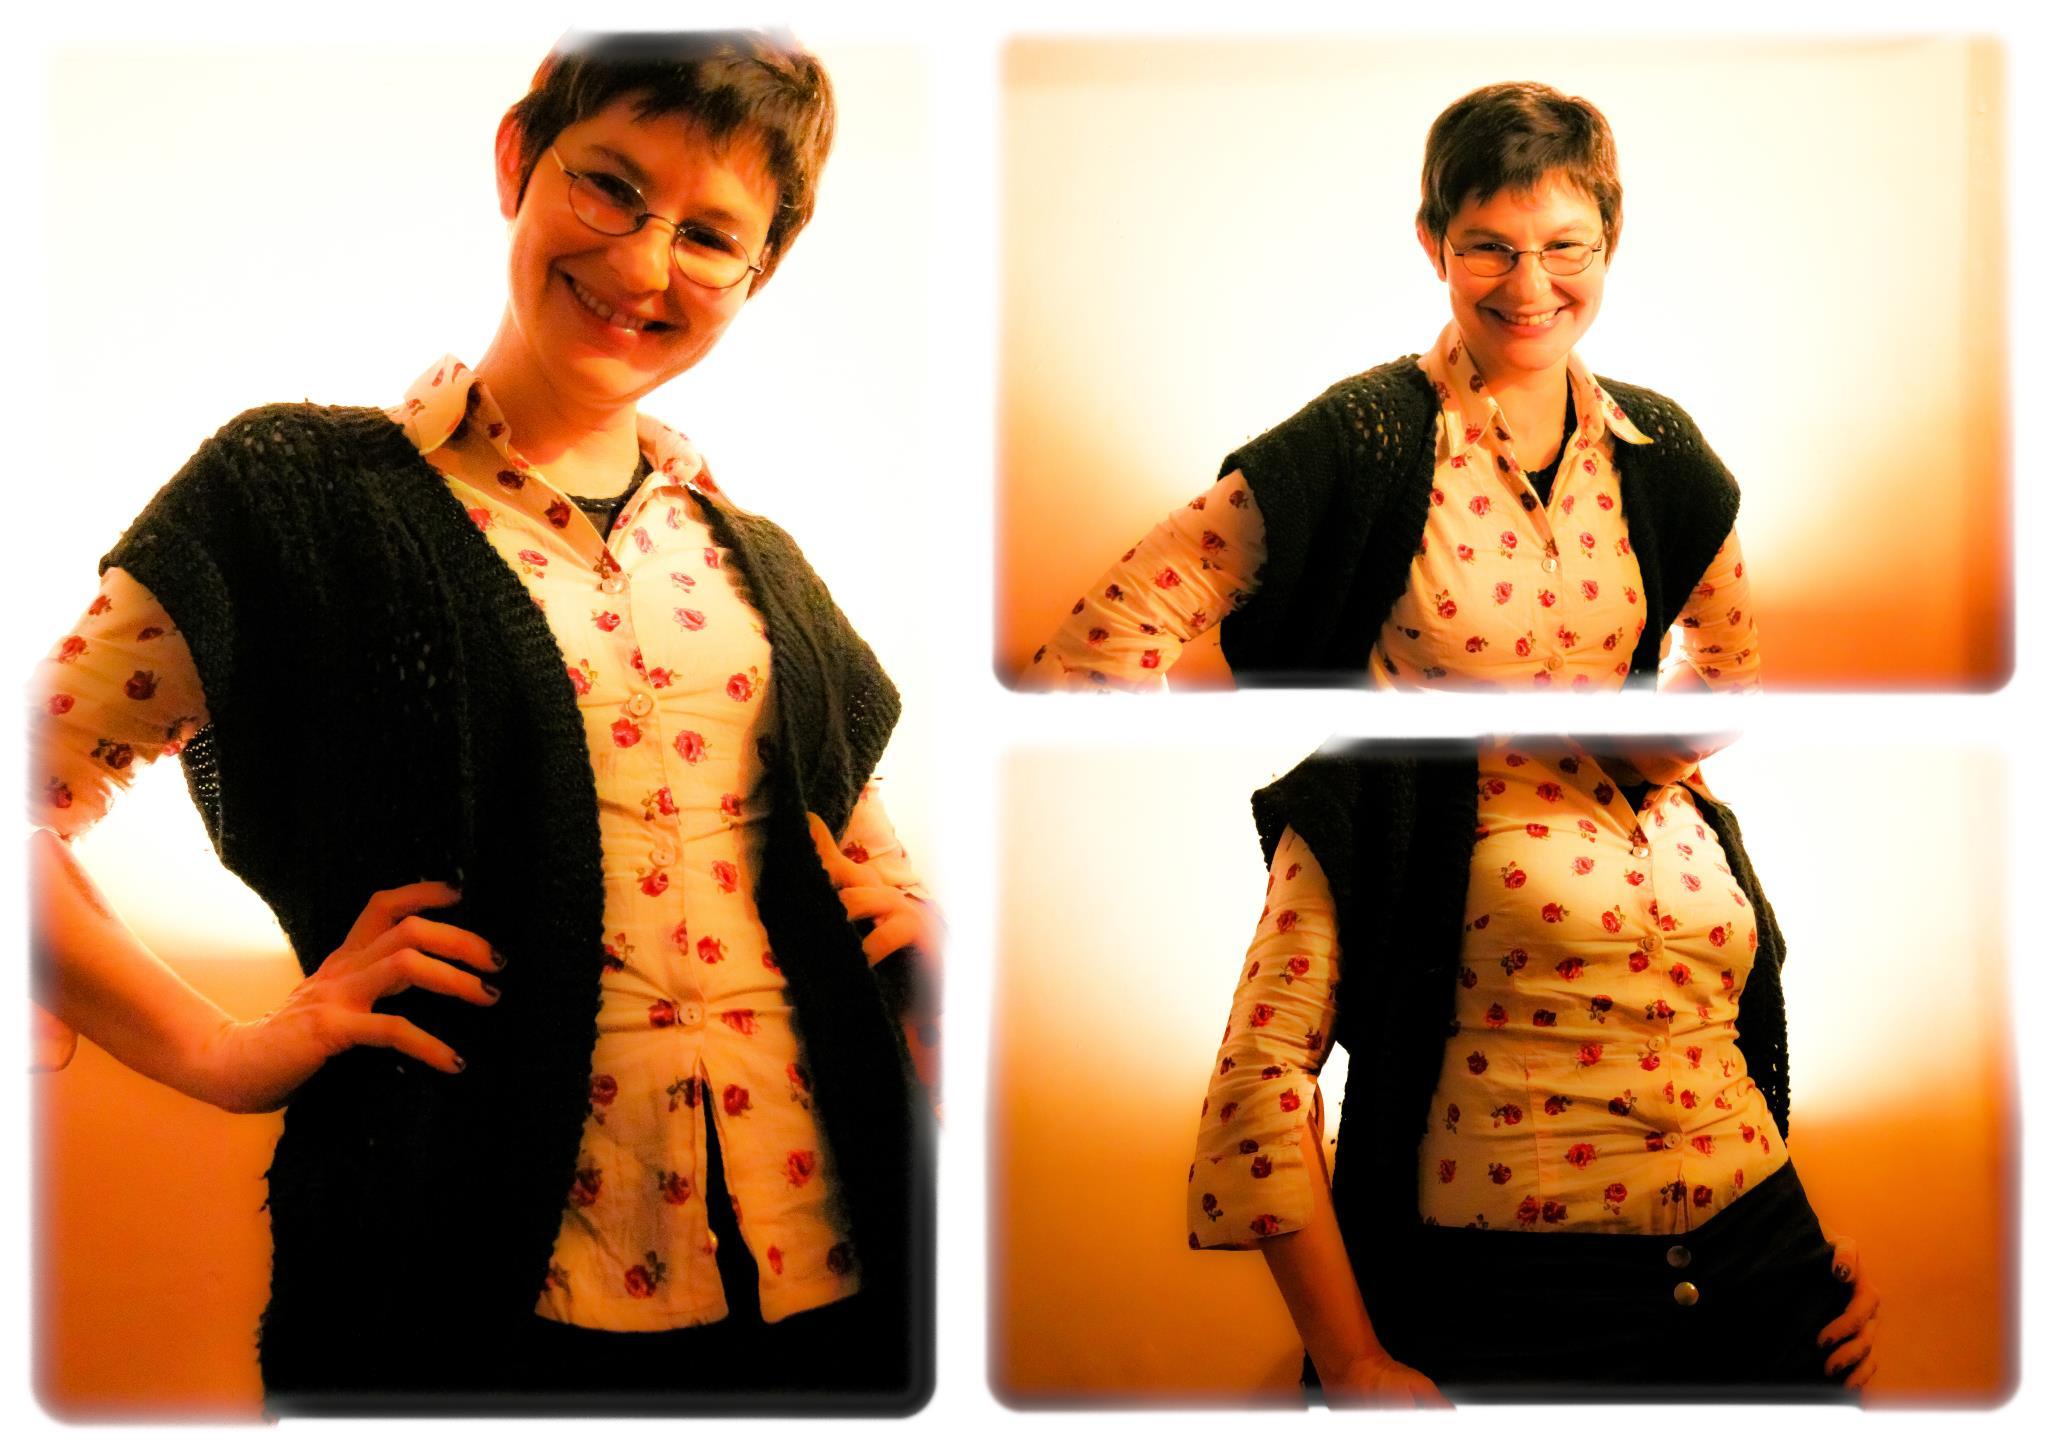 Todas las prendas disponibles Camisa floreada Graciela Campomar Talle S Pantalón de raso Paula y Agustina Ricci Talle 38 Chaleco de lana negro